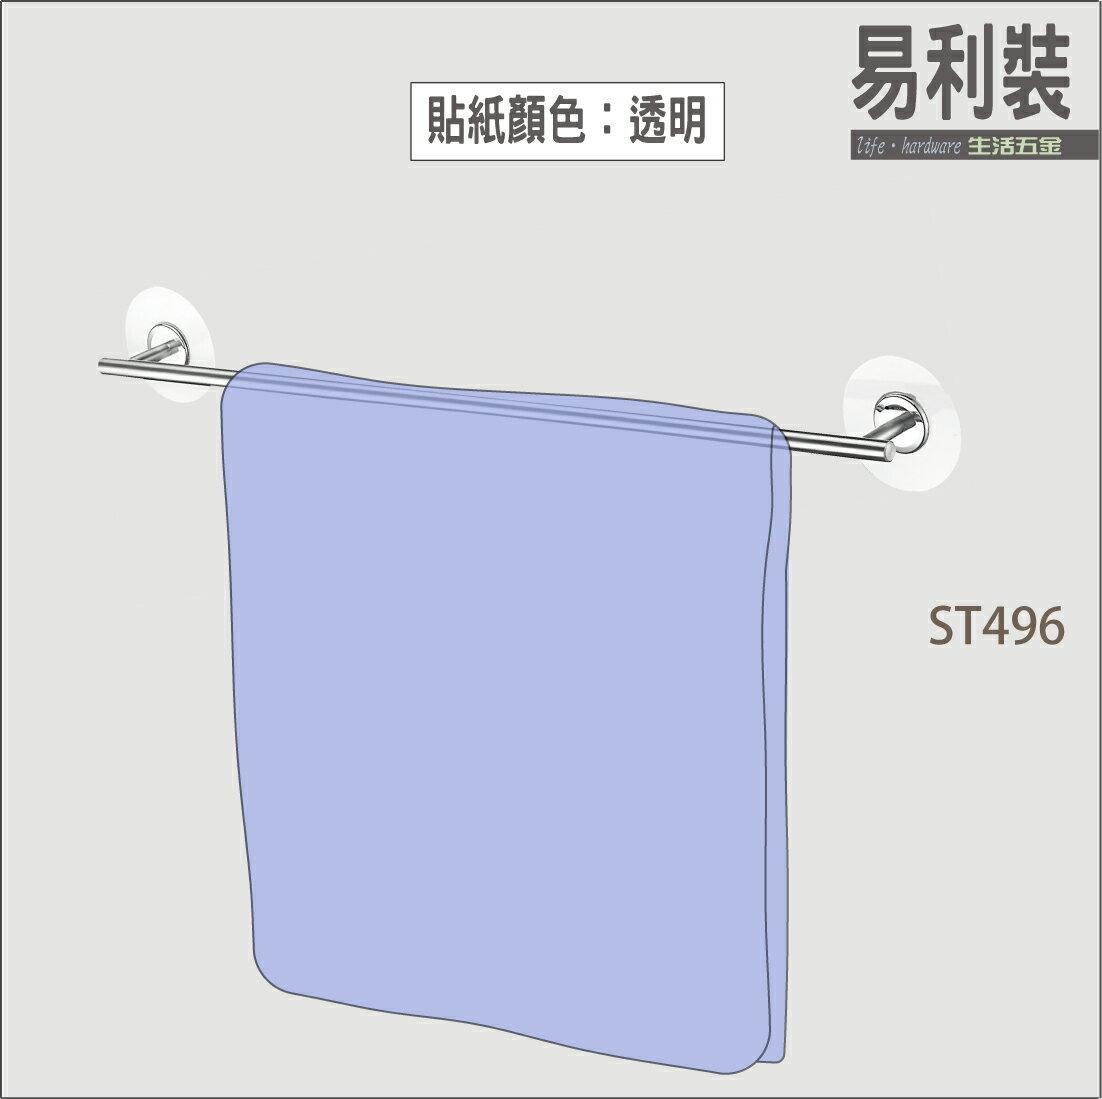 【 EASYCAN  】ST496-不銹鋼無痕毛巾桿 易利裝生活五金 無痕掛鉤  掛勾 房間 臥房 衣櫃 小資族 辦公家具 系統家具 1